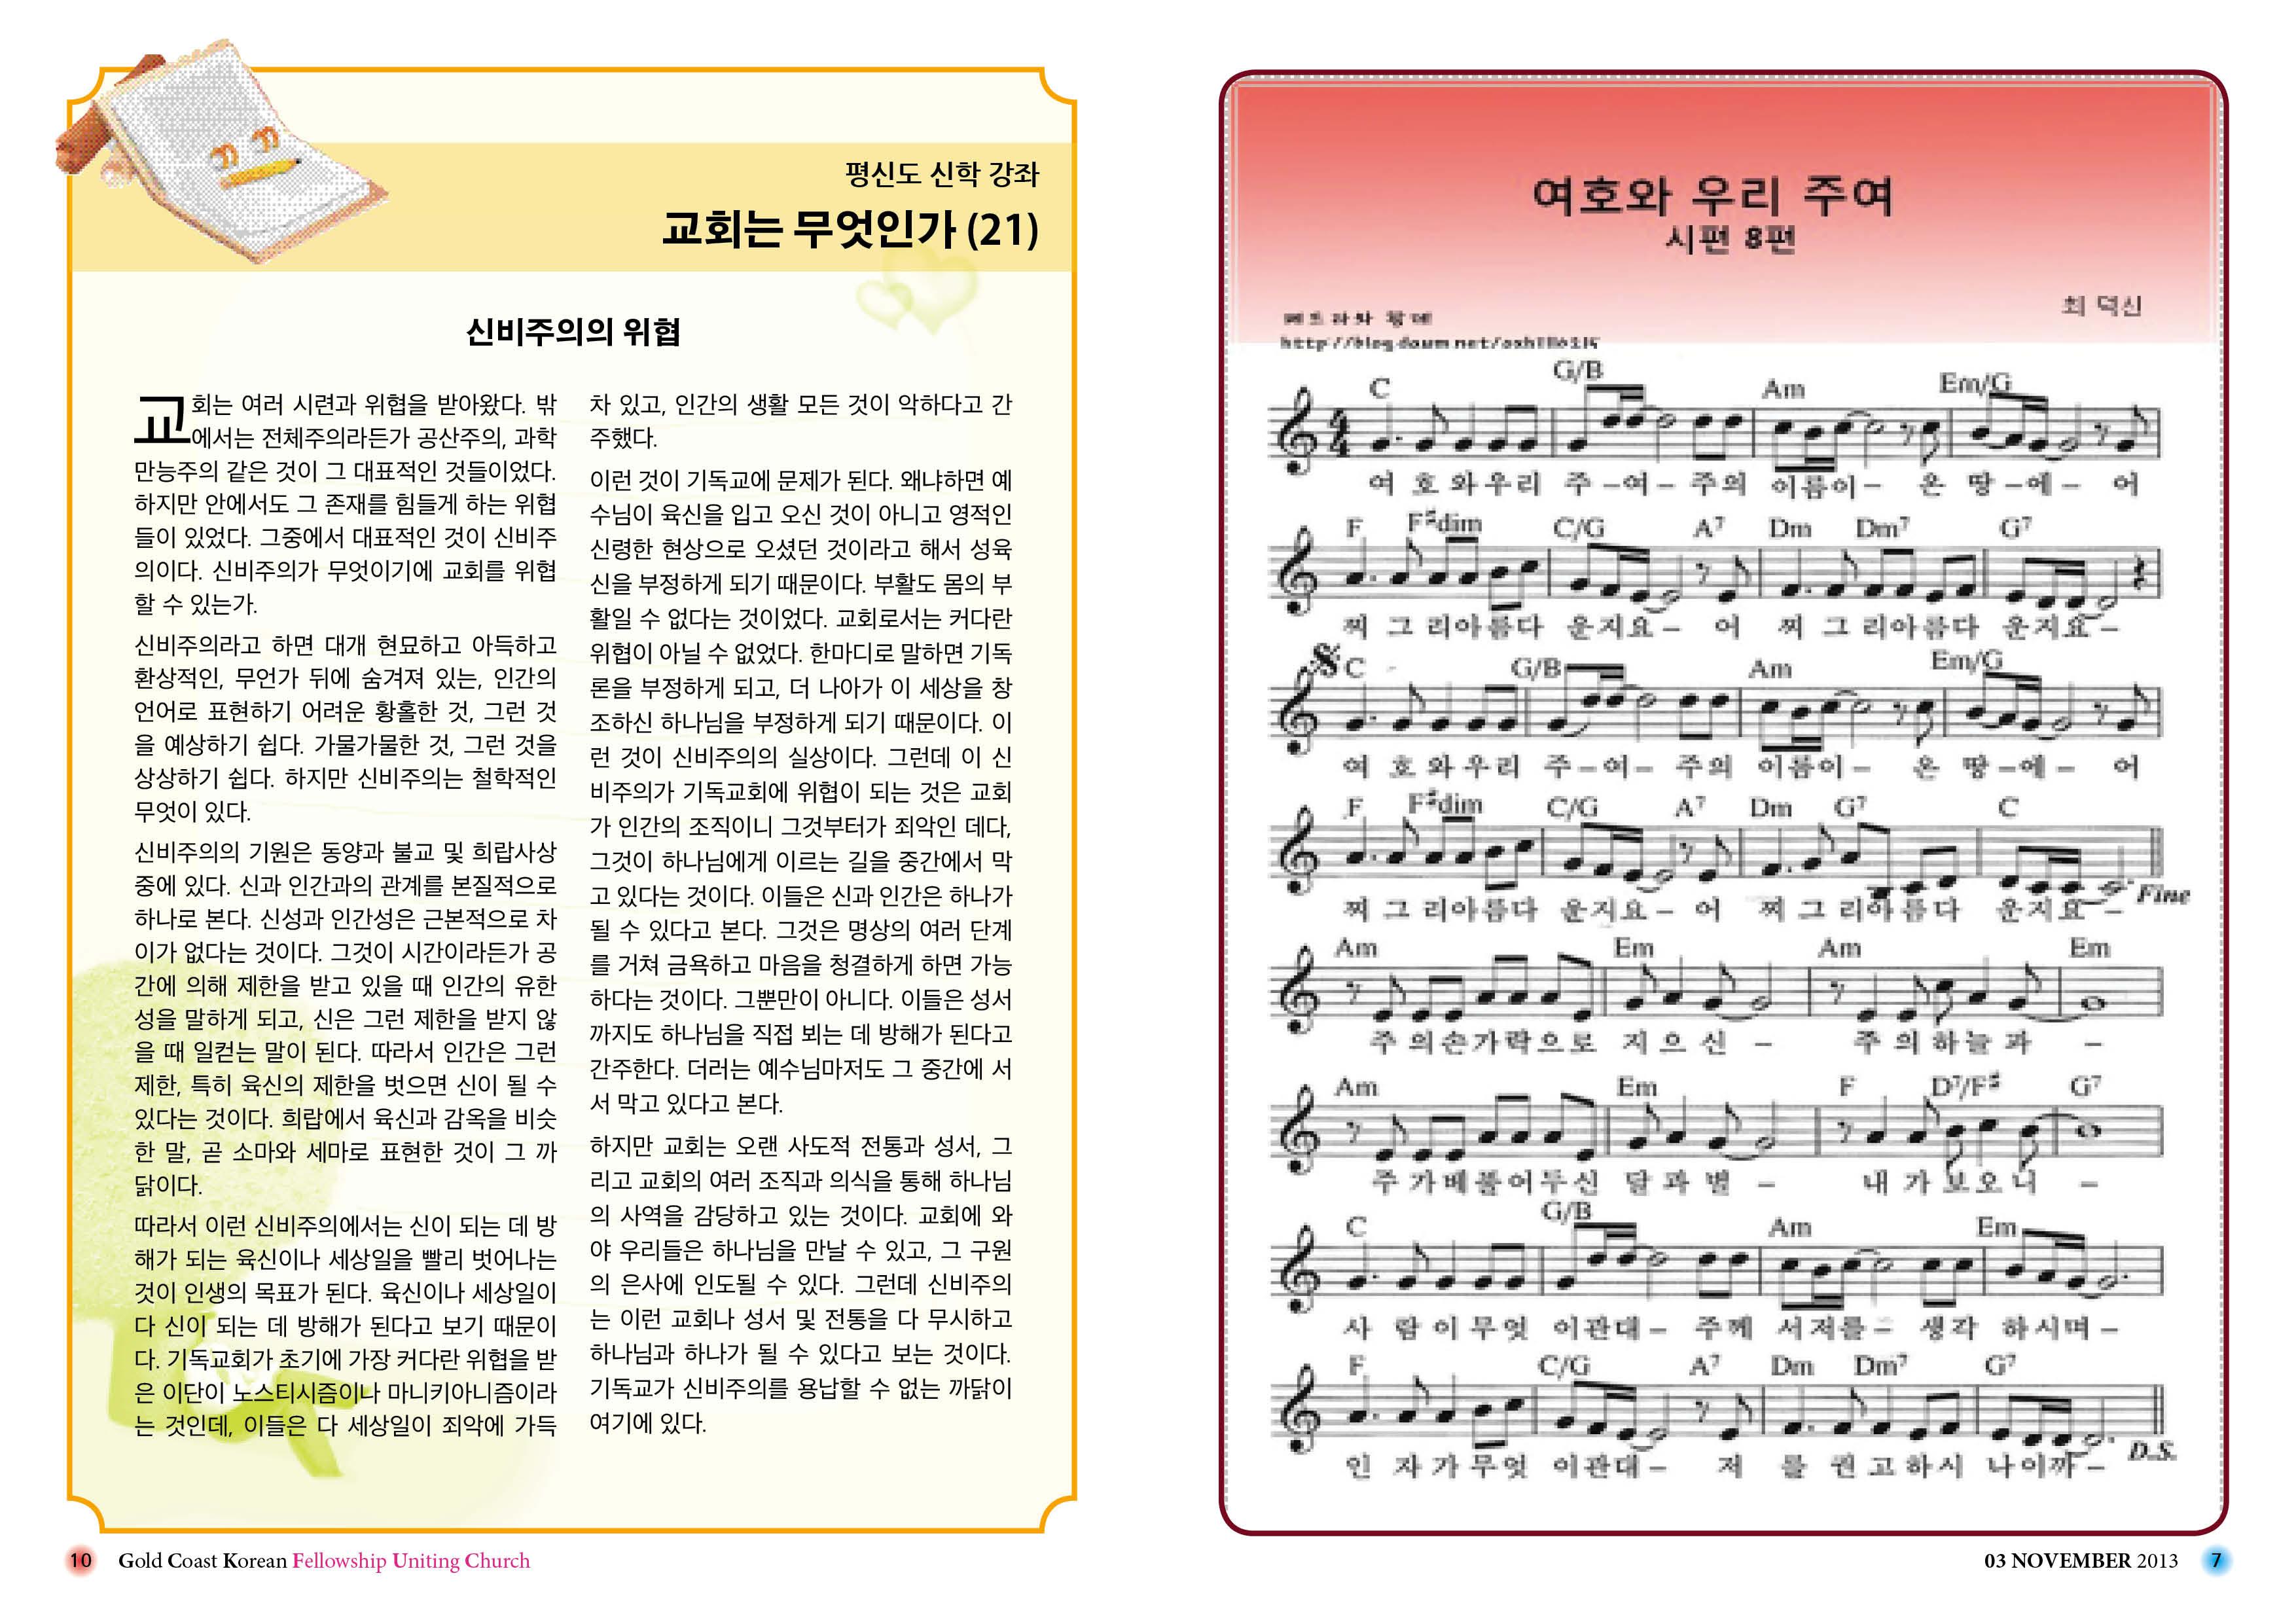 2013.11.03 주보(1차 수정)7.jpg